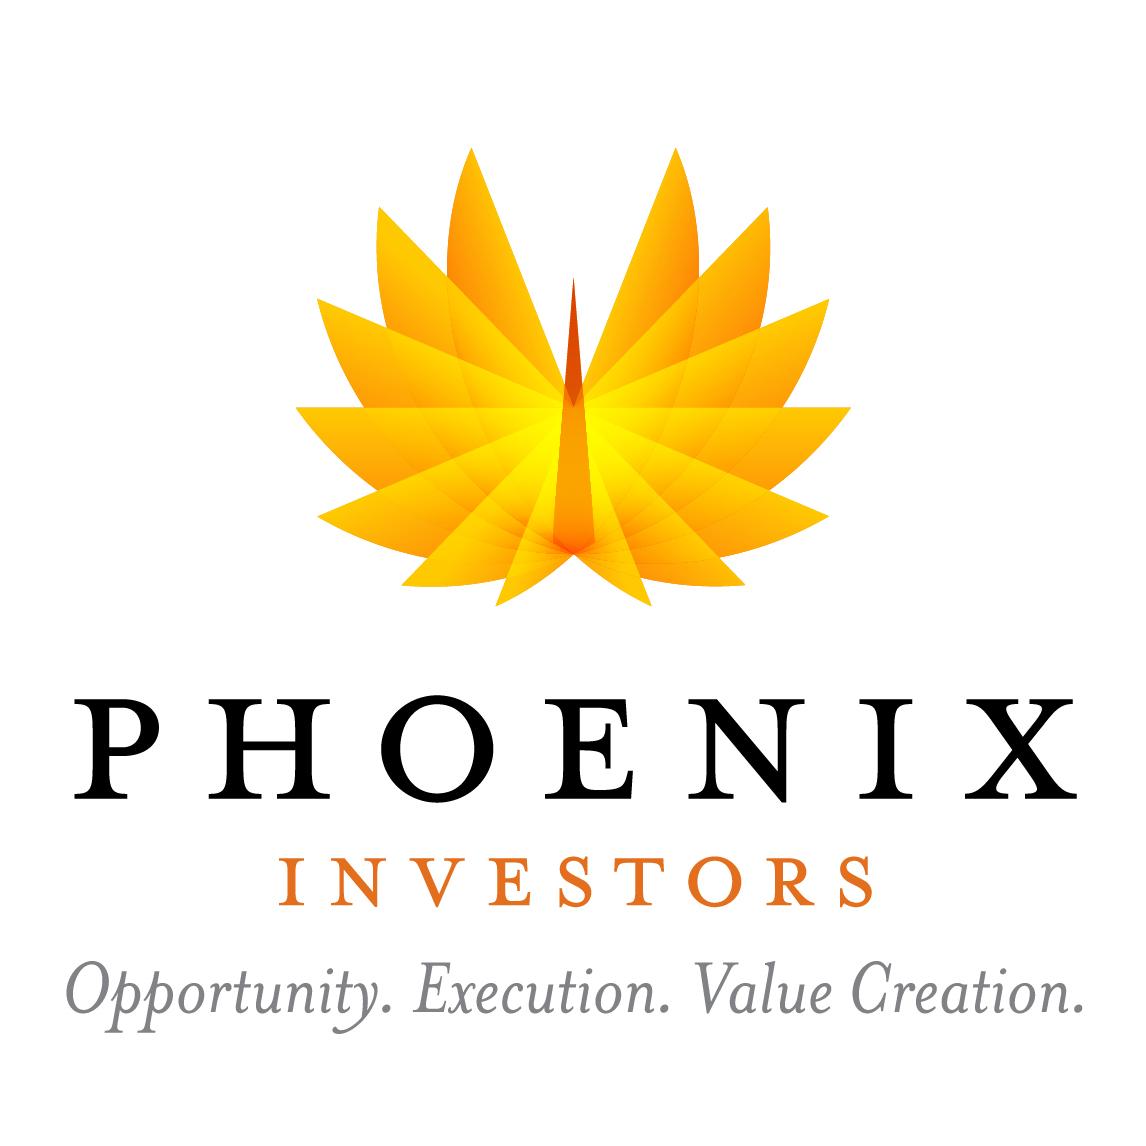 Phoenix Investors